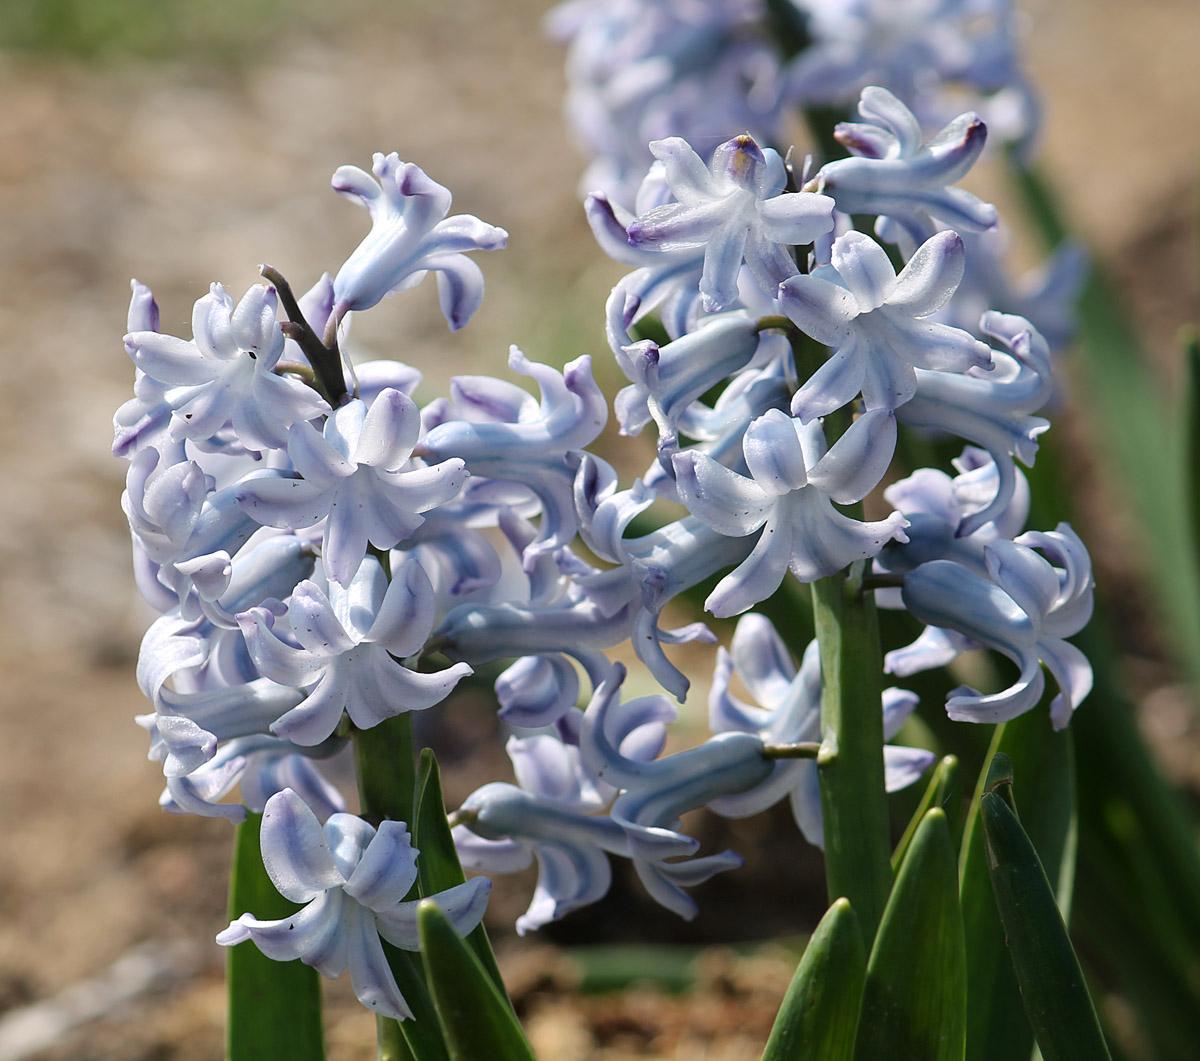 Гиацинт восточный сорт 'Grand Lilac' (Гранд Лилак). Два соцветия крупным планом